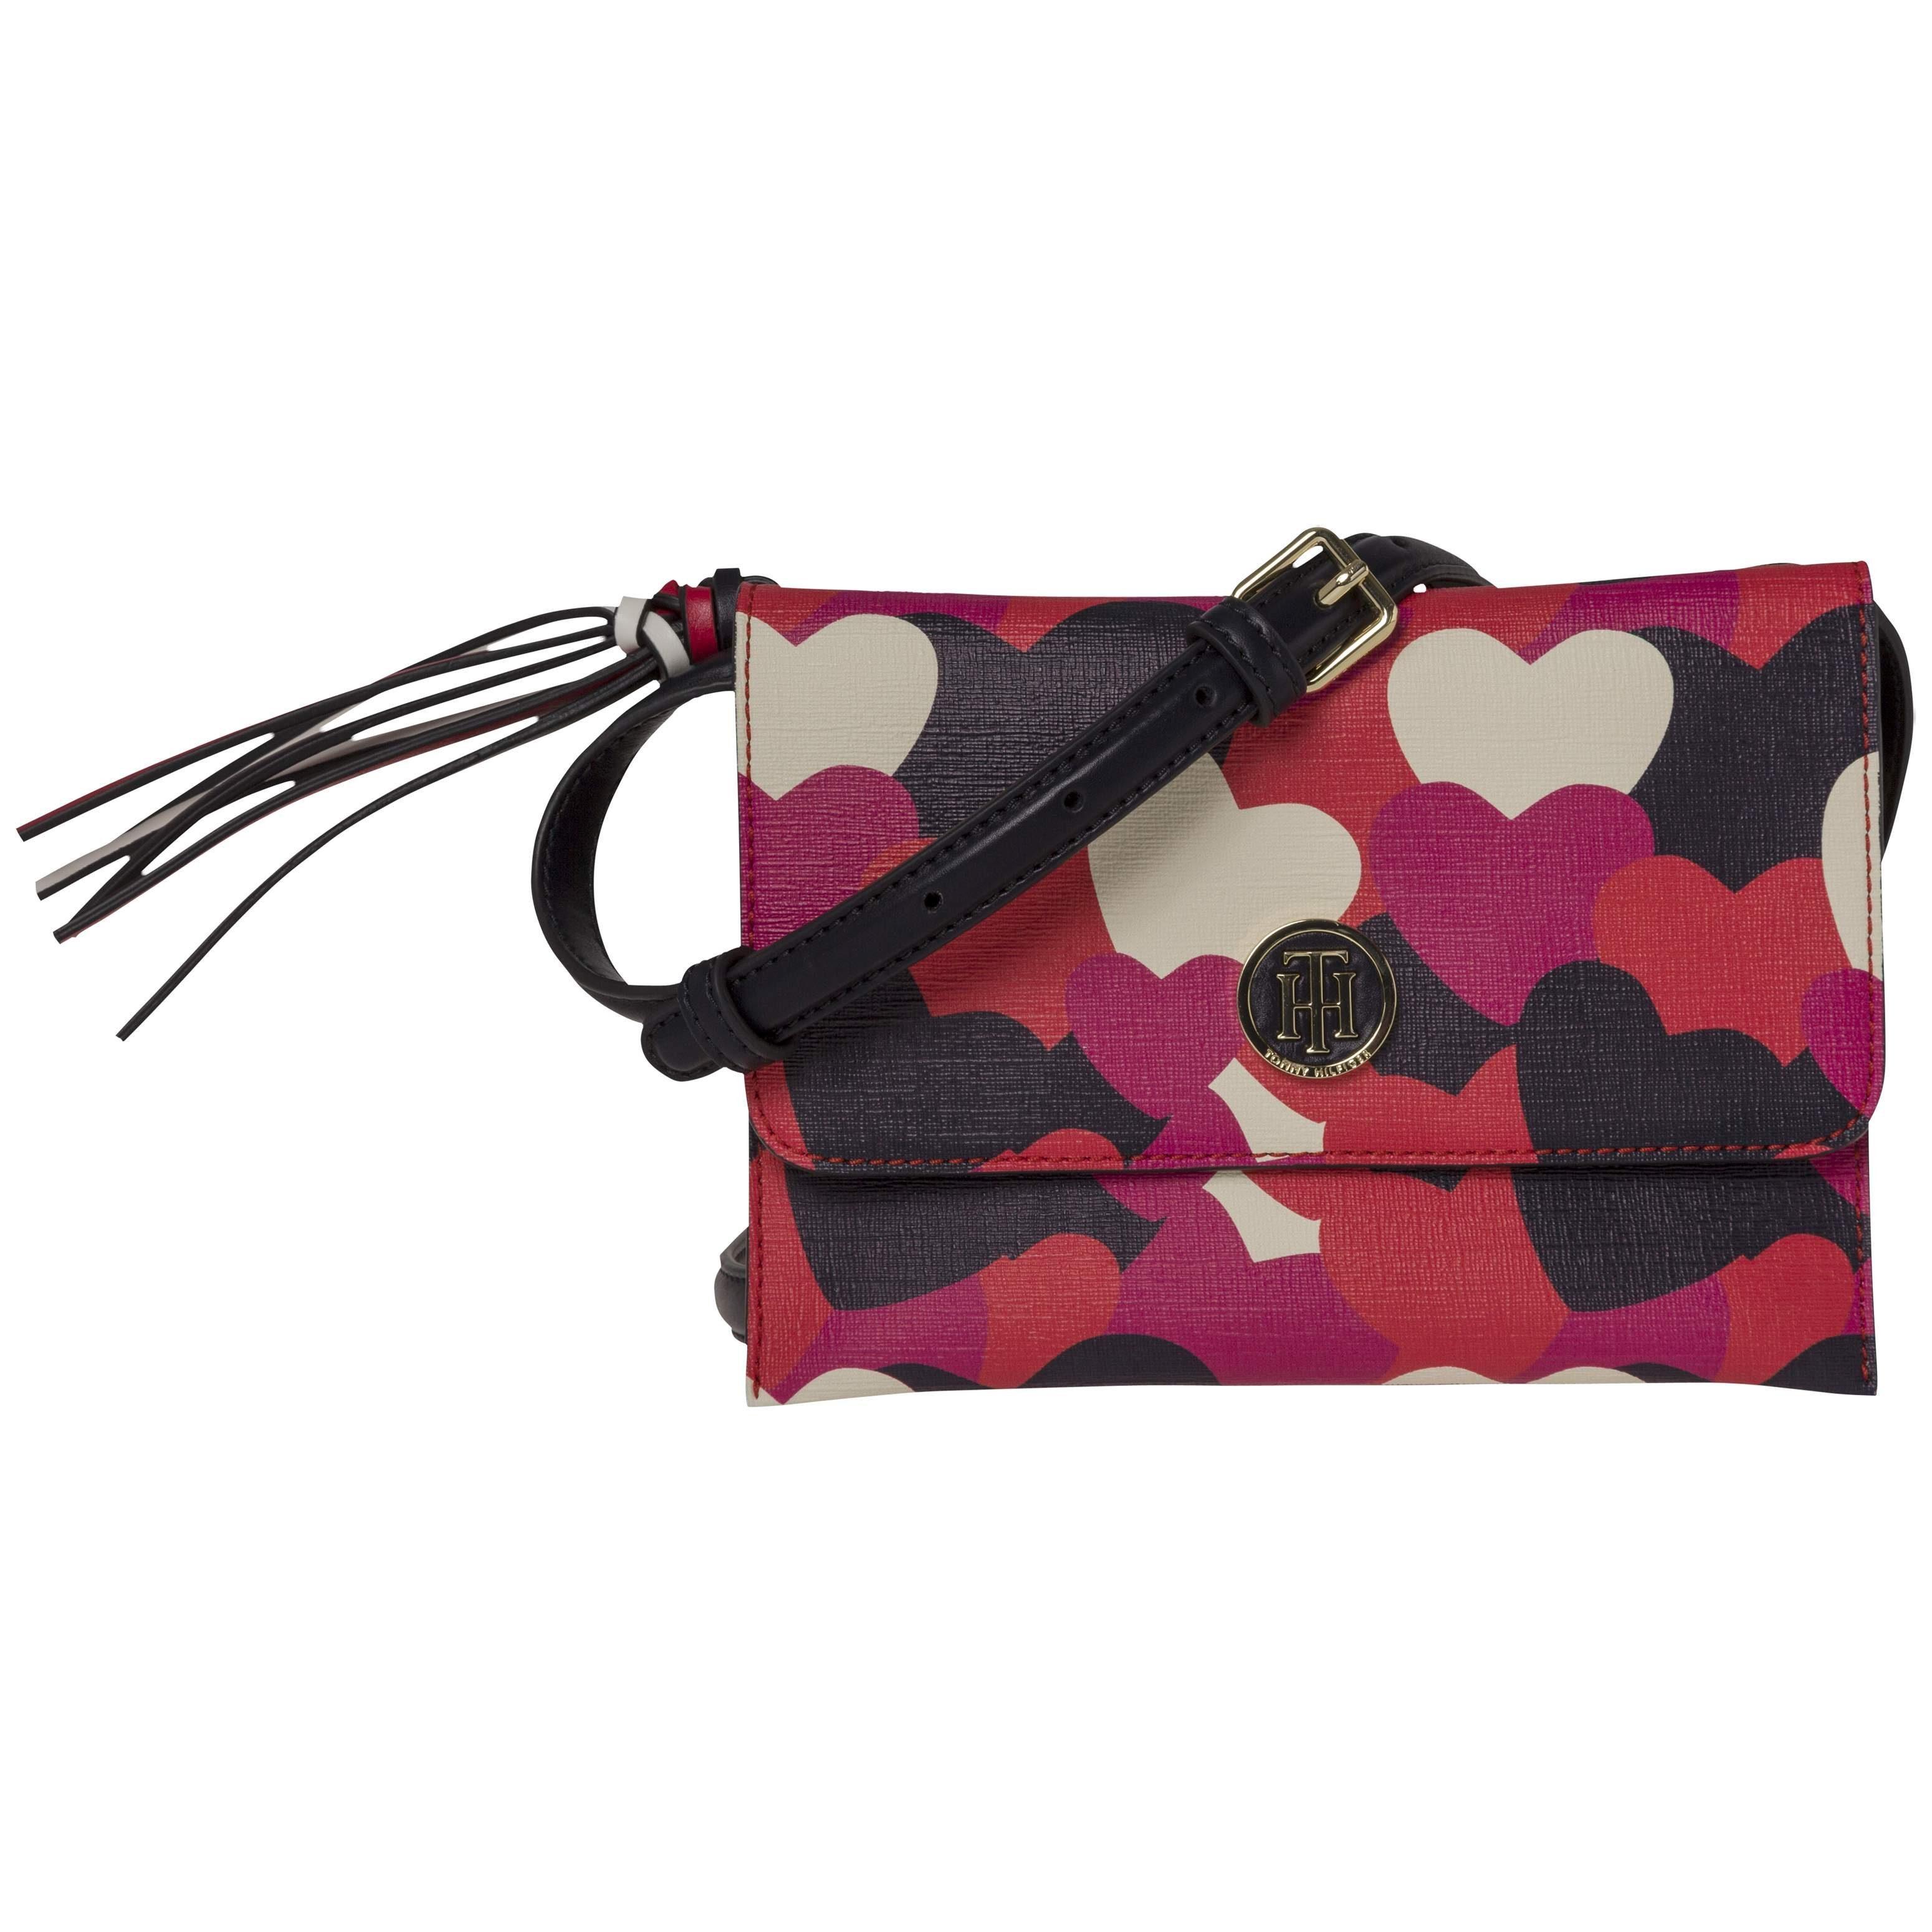 Tommy Hilfiger Handtasche »LOVE TOMMY CROSSOVER HEART« online kaufen | OTTO